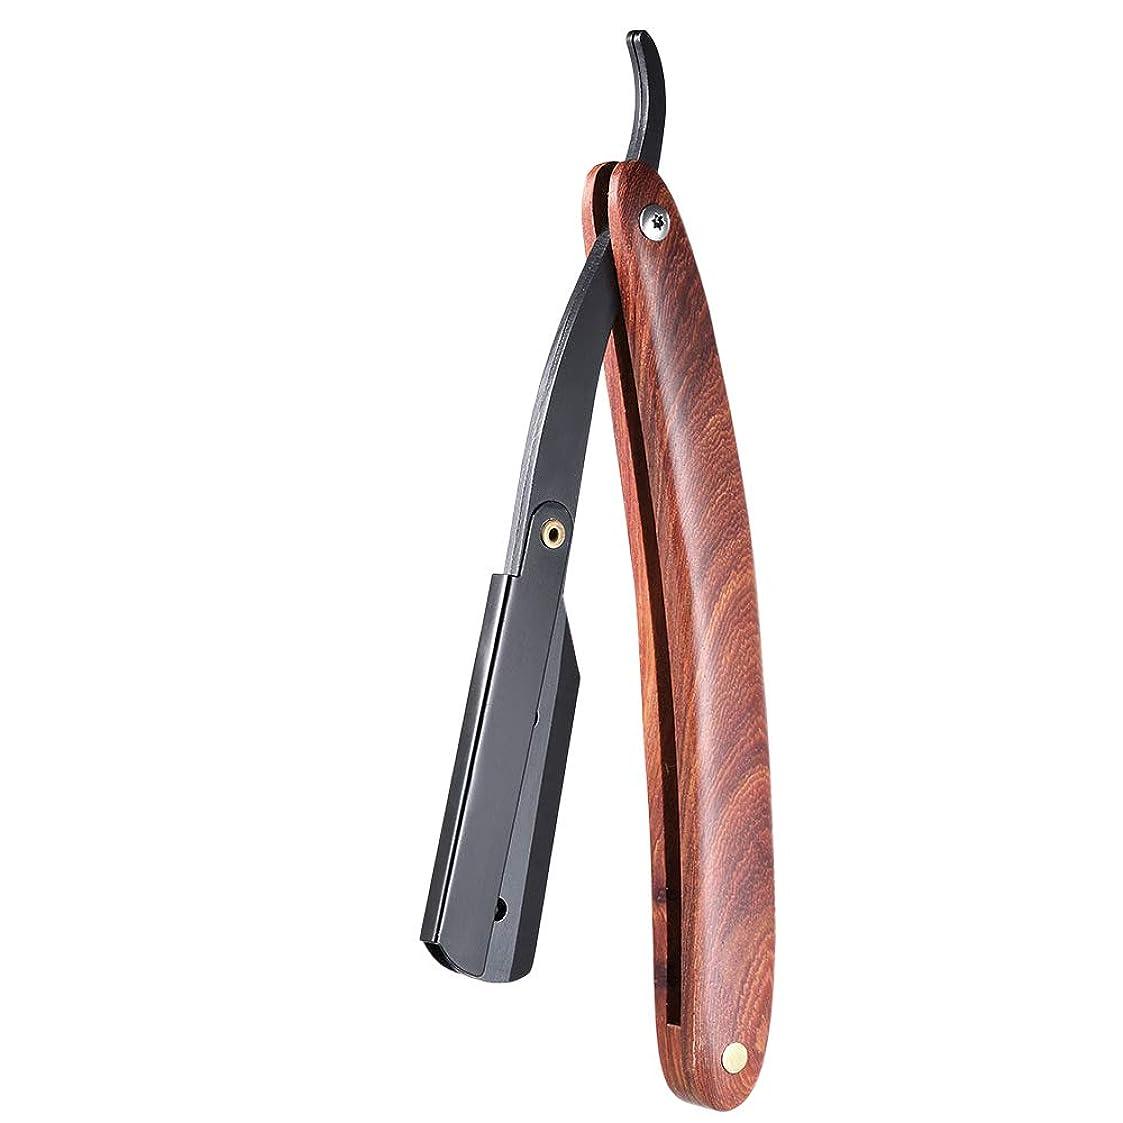 署名作動するトチの実の木Men Shaving Straight Edge Razor Stainless Steel Manual Razor Wooden Handle Folding Shaving Knife Shave Beard Cutter Pouch